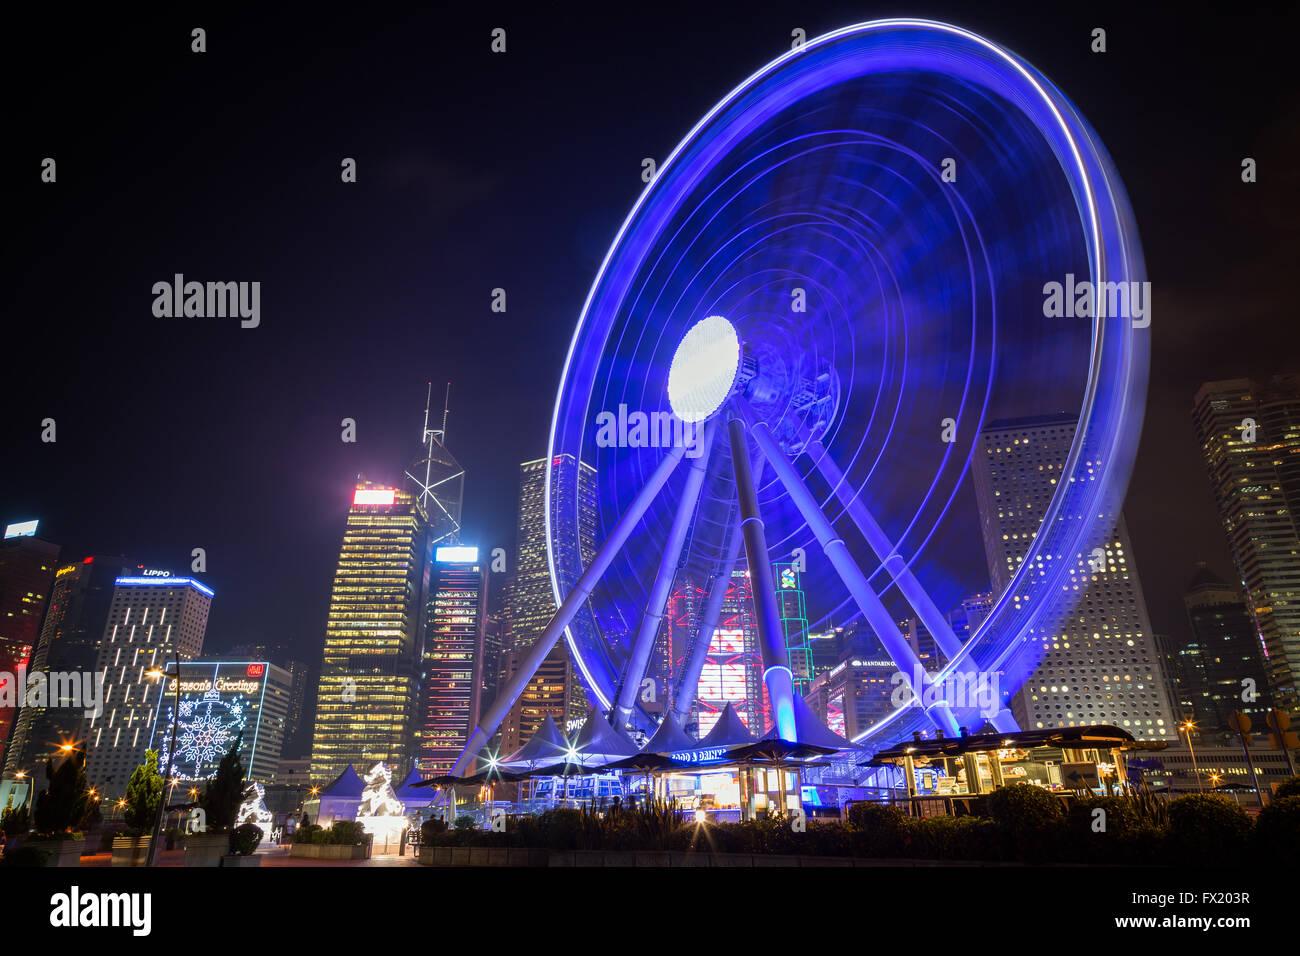 Illuminated Hong Kong Observation Wheel at night in the Central Hong Kong, China. - Stock Image